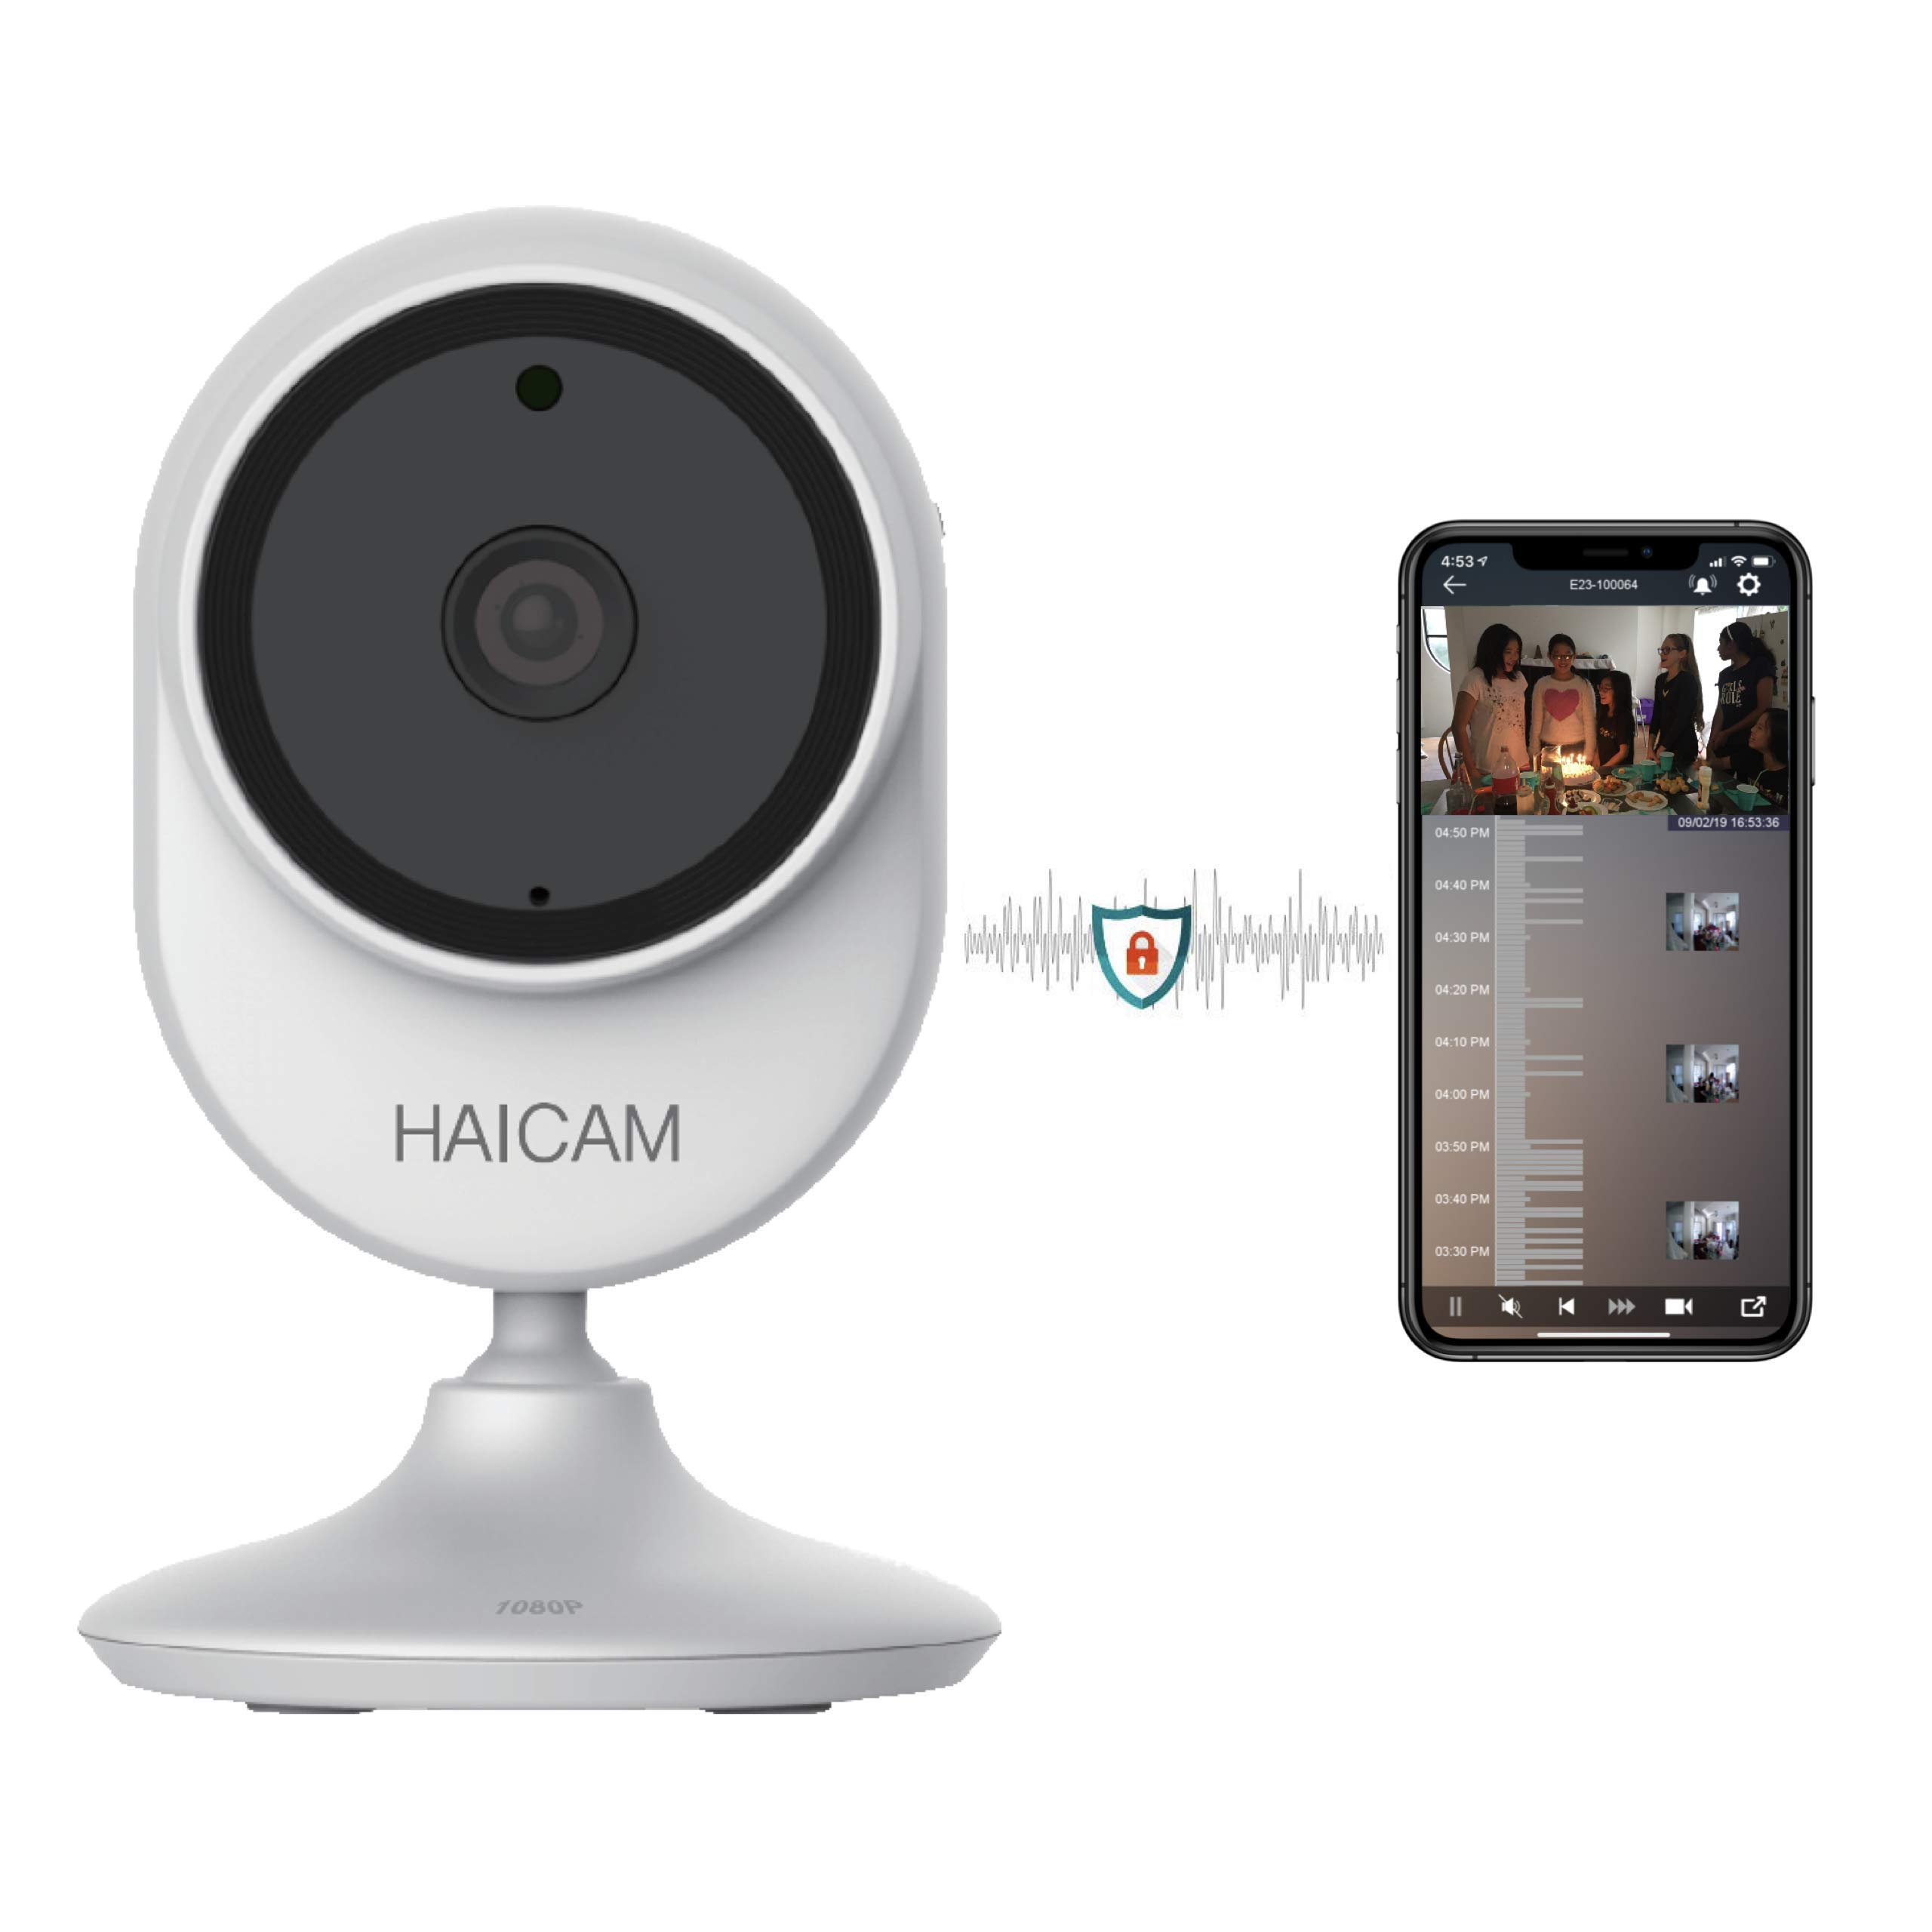 HAICAM End-to-End Encryption Security Camera - E22 by HAICAM